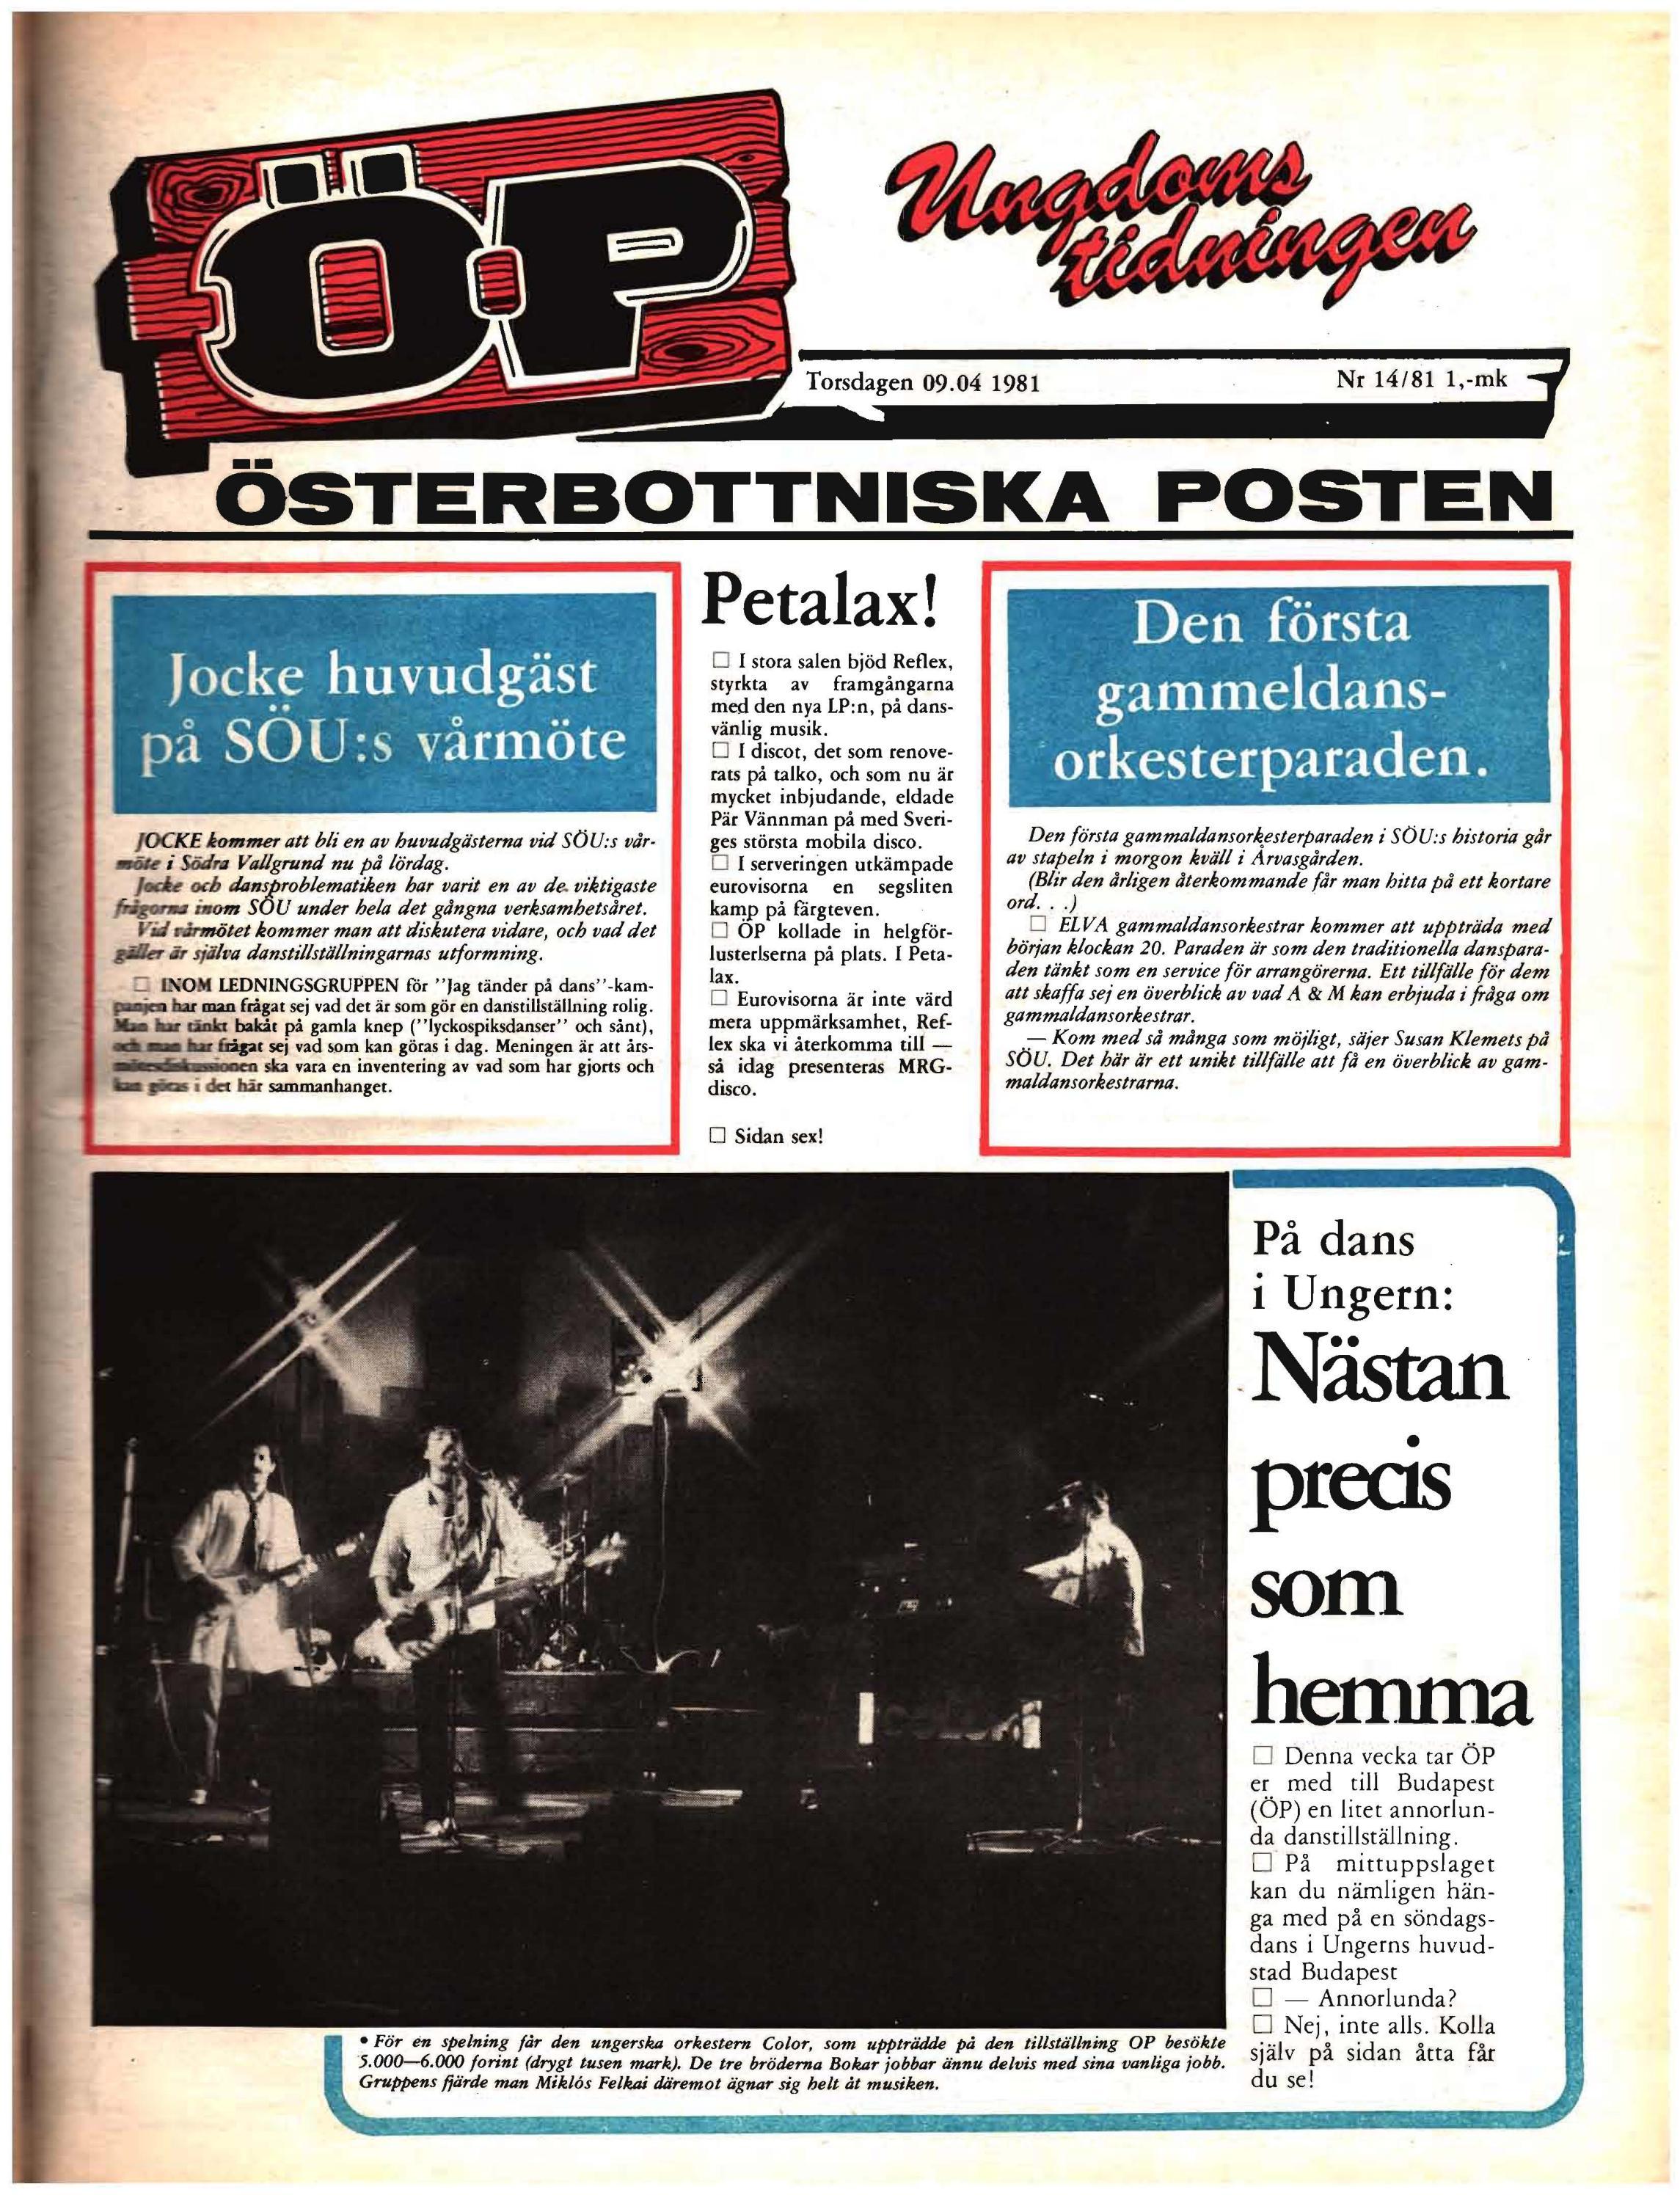 f937a3c280b Österbottniska Posten (ÖP) nr. 14 1981 by Österbottniska Posten - issuu